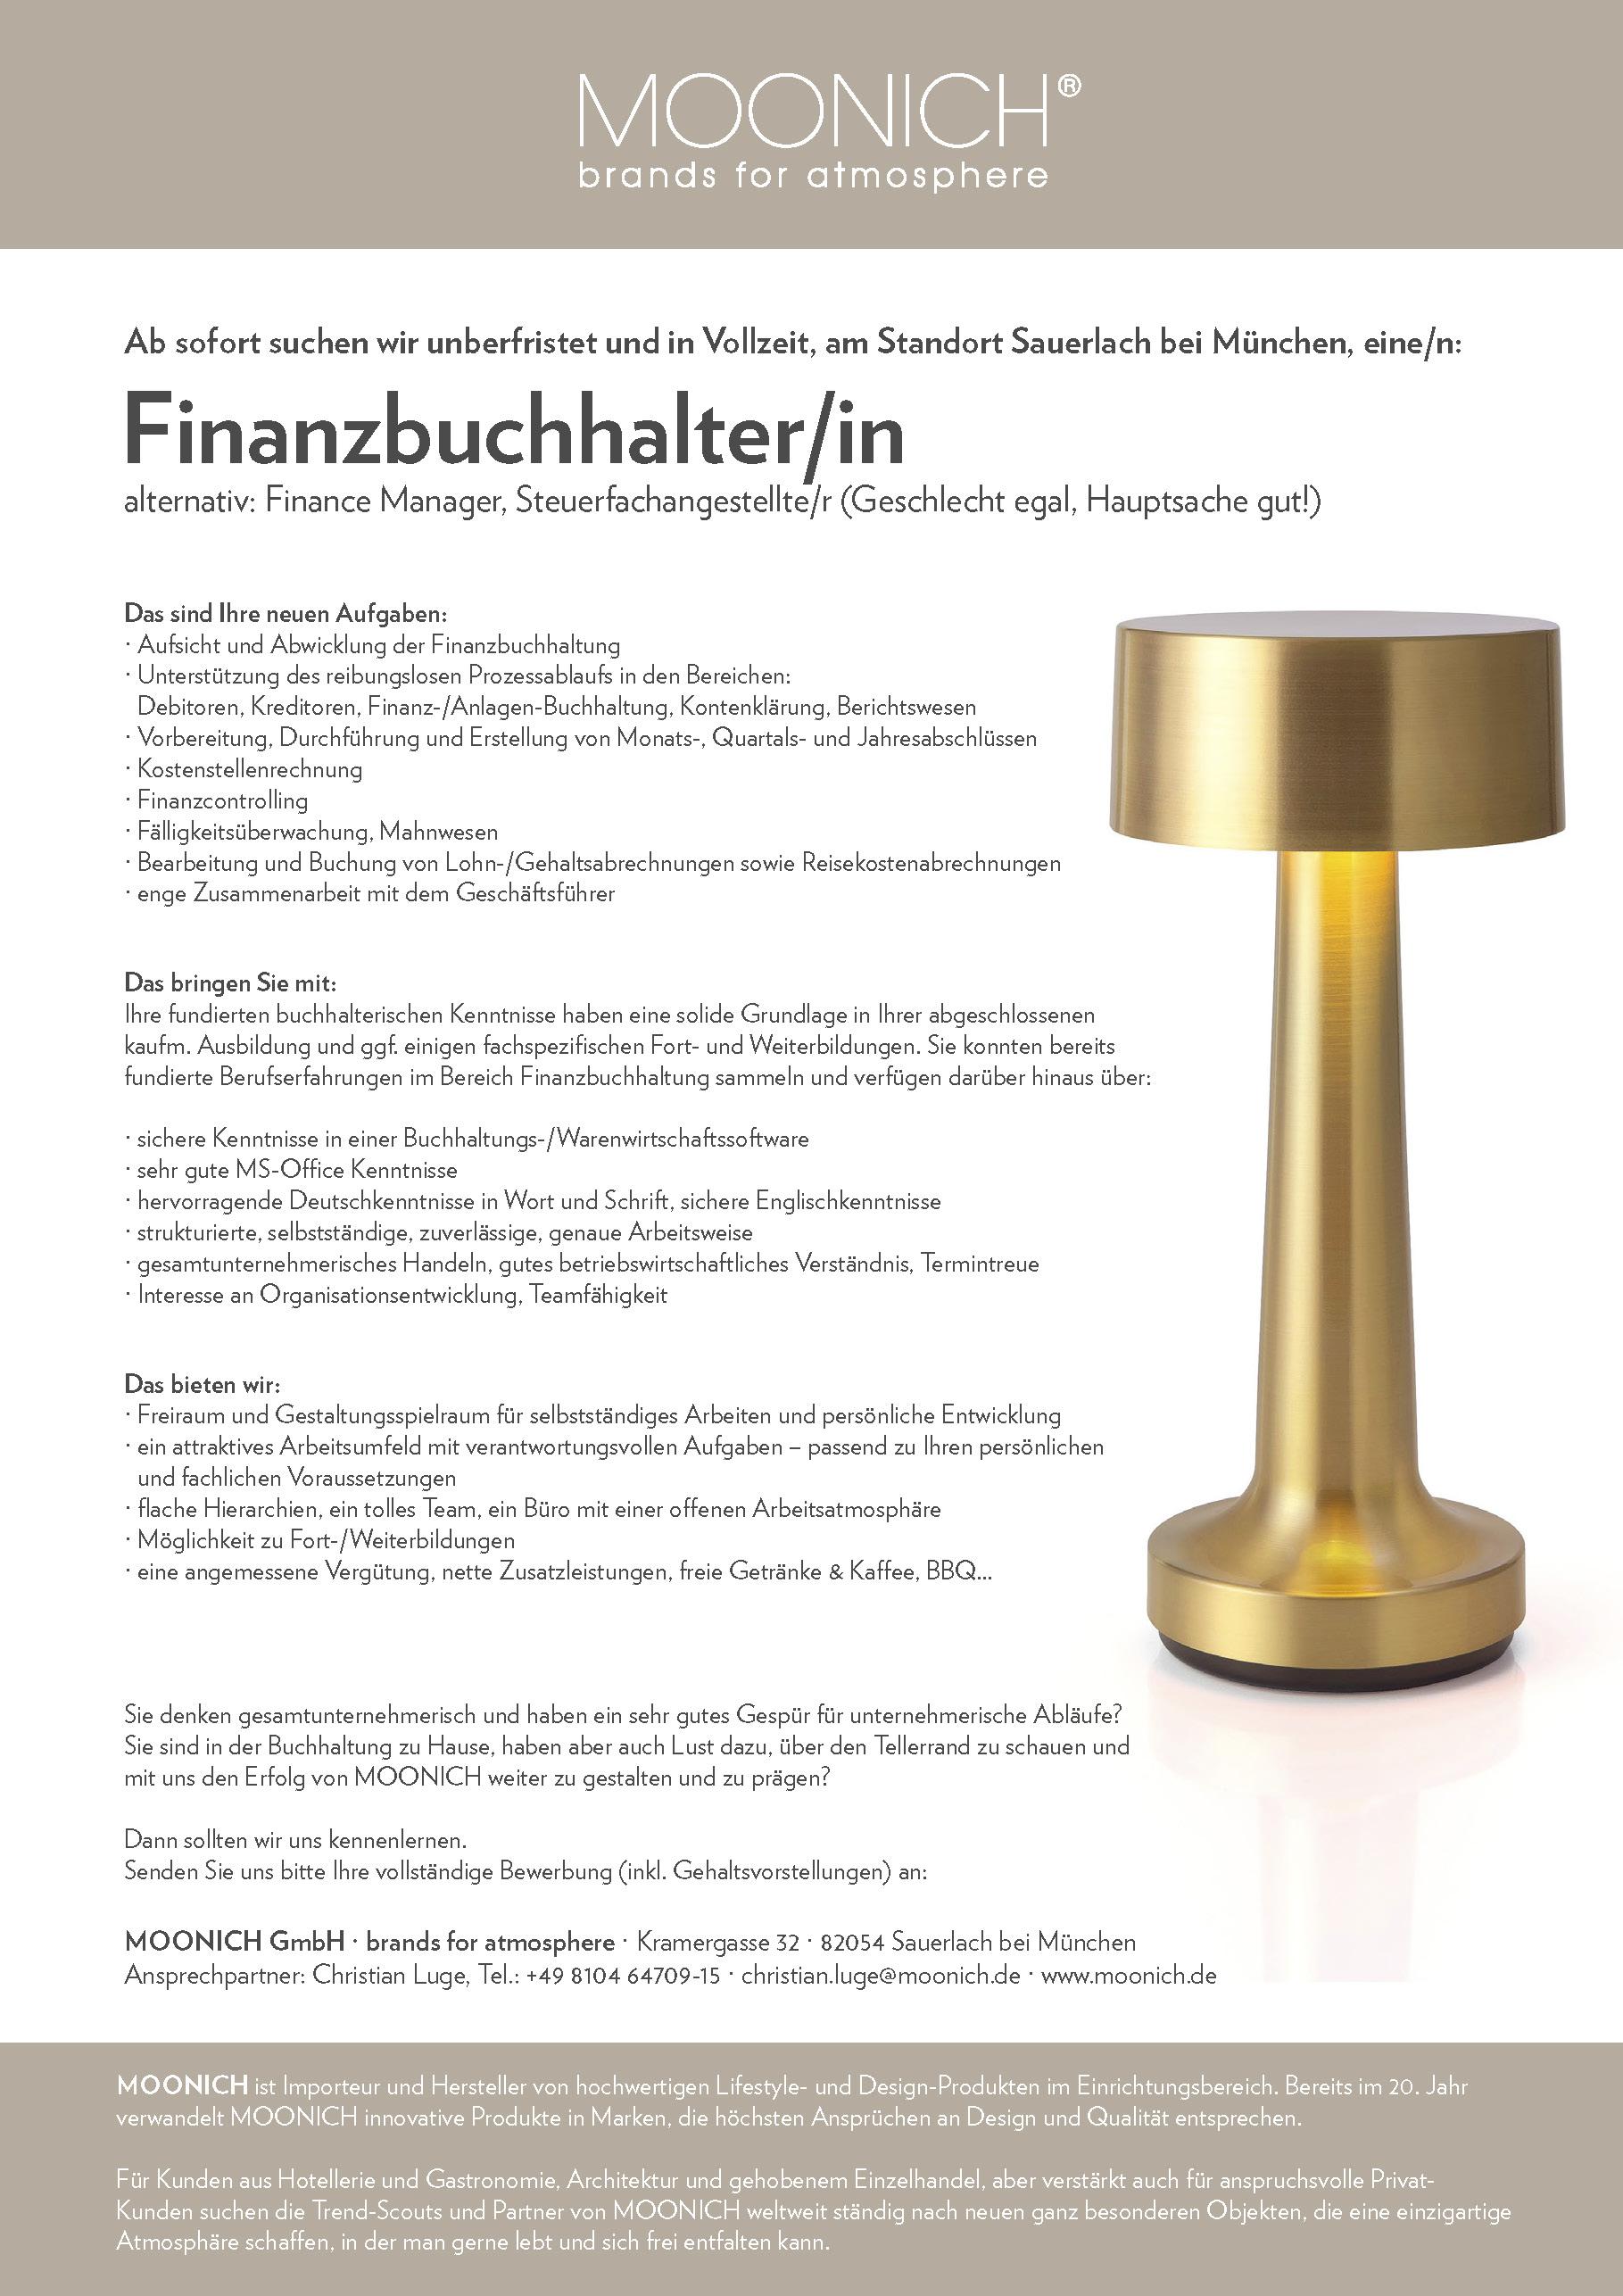 MOONICH Stellenausschreibung Finanzbuchhalter/in